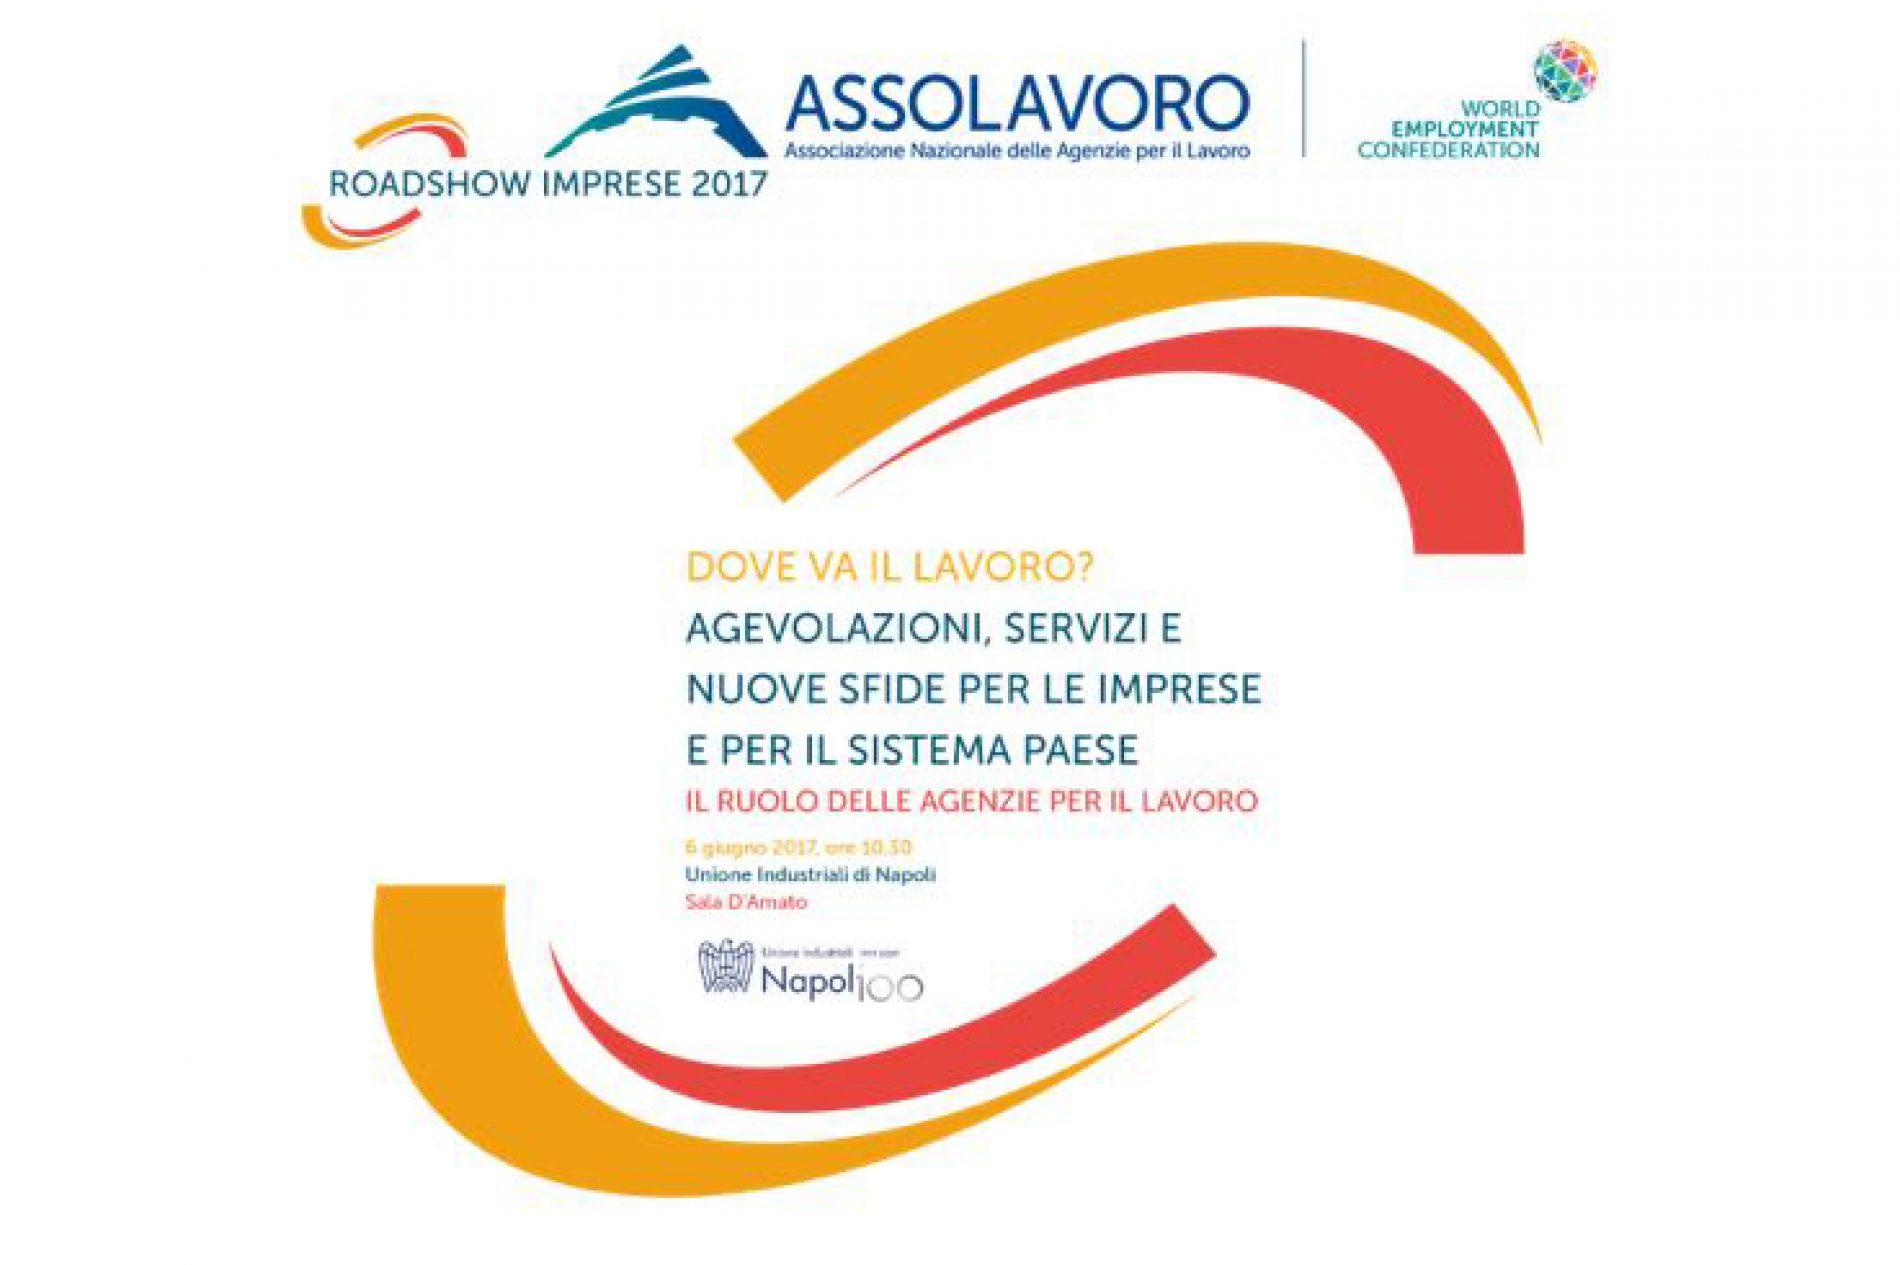 Roadshow Imprese 2017 di Assolavoro: appuntamento a Napoli Martedì 6 Giugno 2017